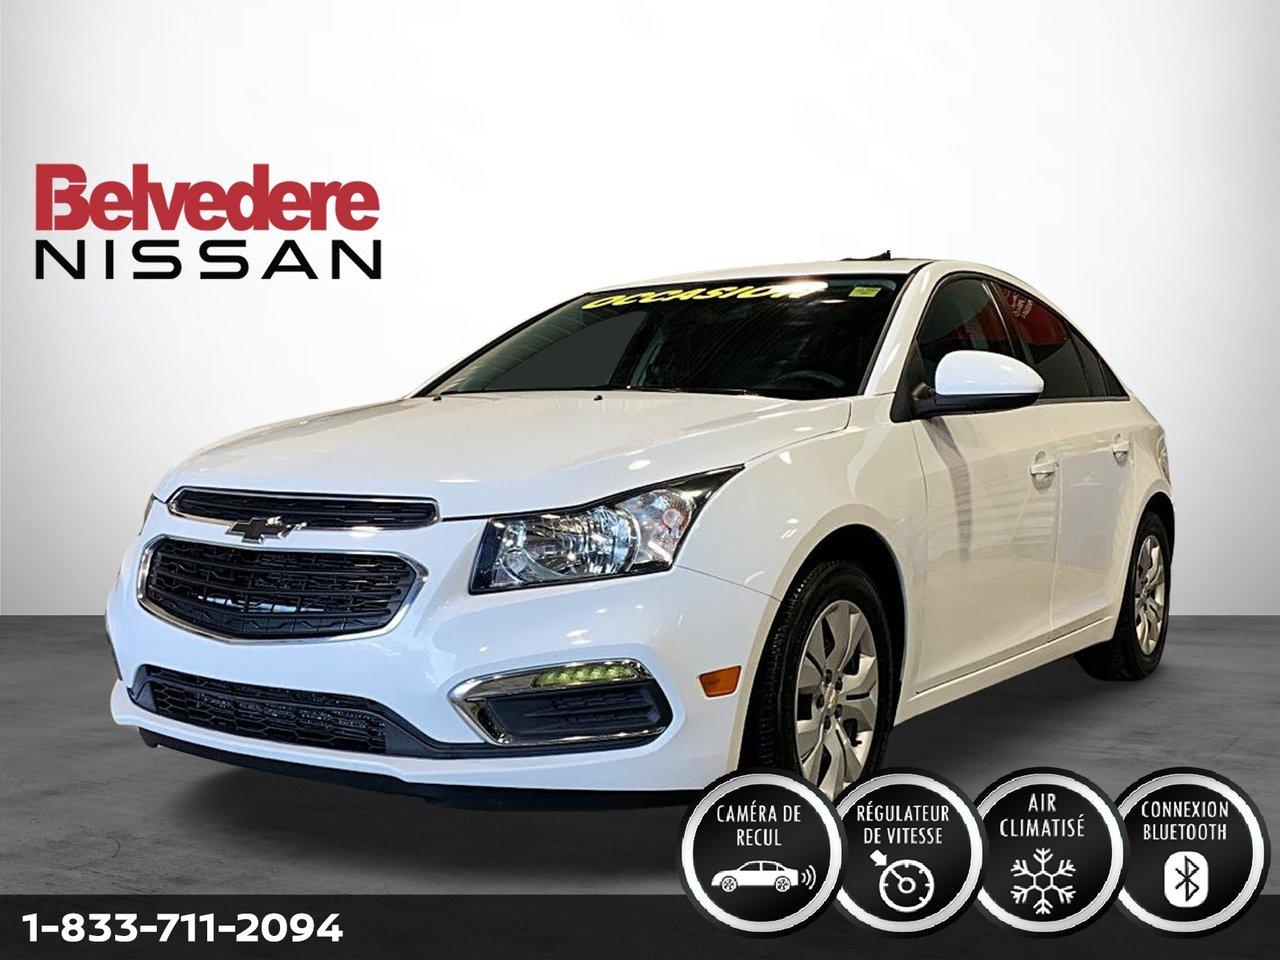 Chevrolet Cruze 2016 TOIT OUVRANT AUTOMATIQUE RÉGULATEUR DE VITESS